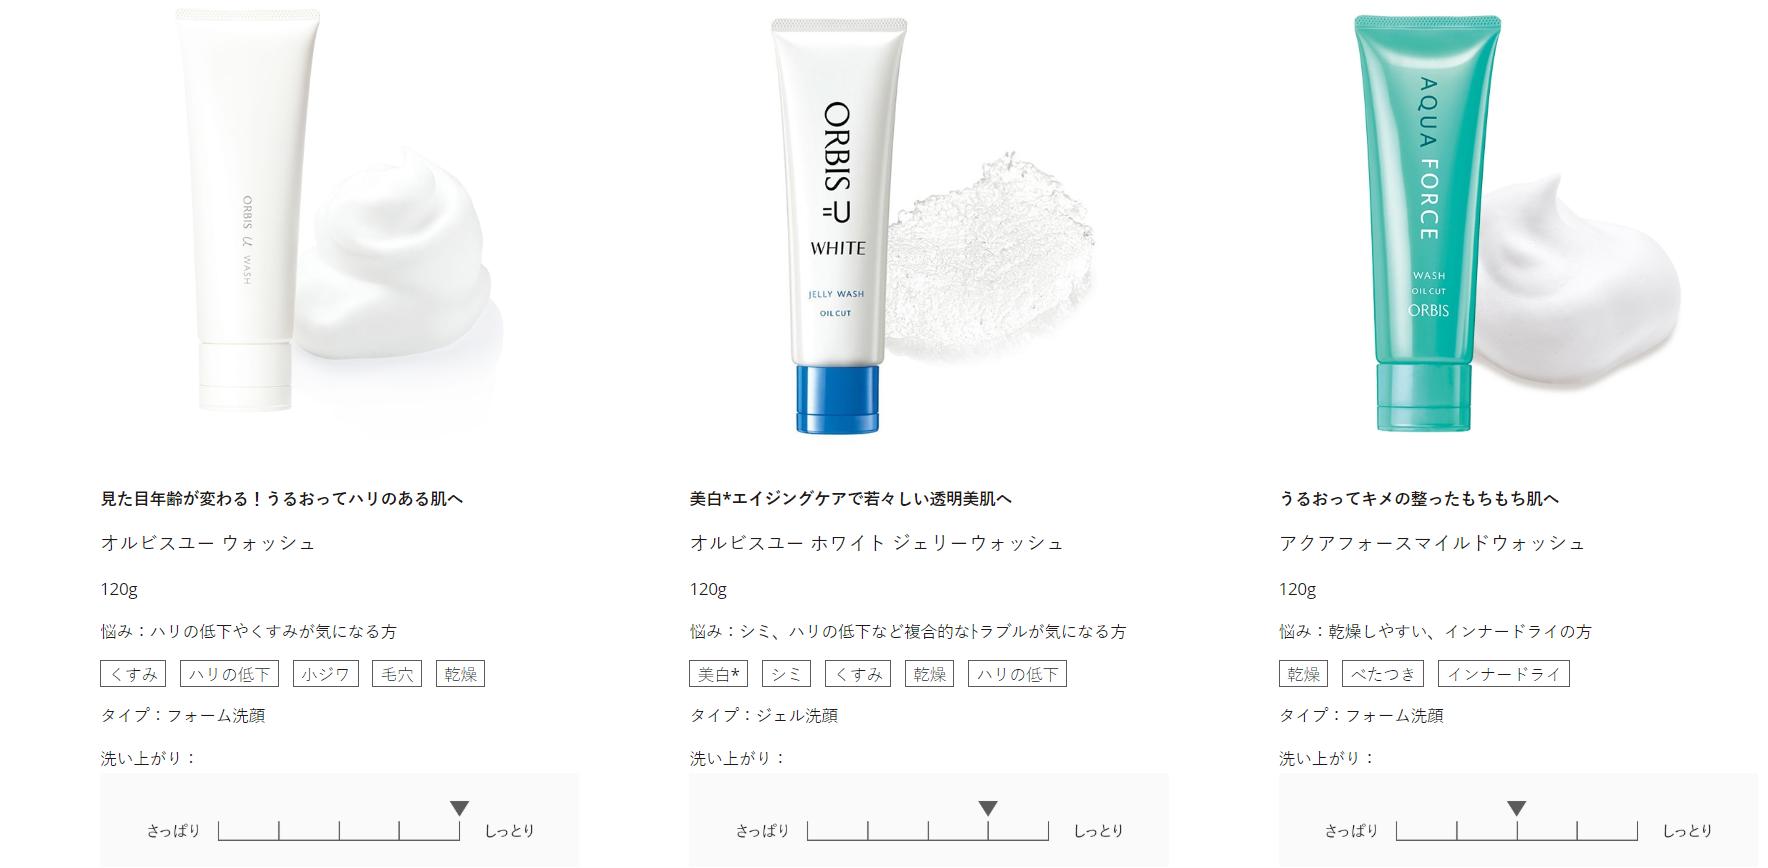 洗顔料オルビス洗顔料3種